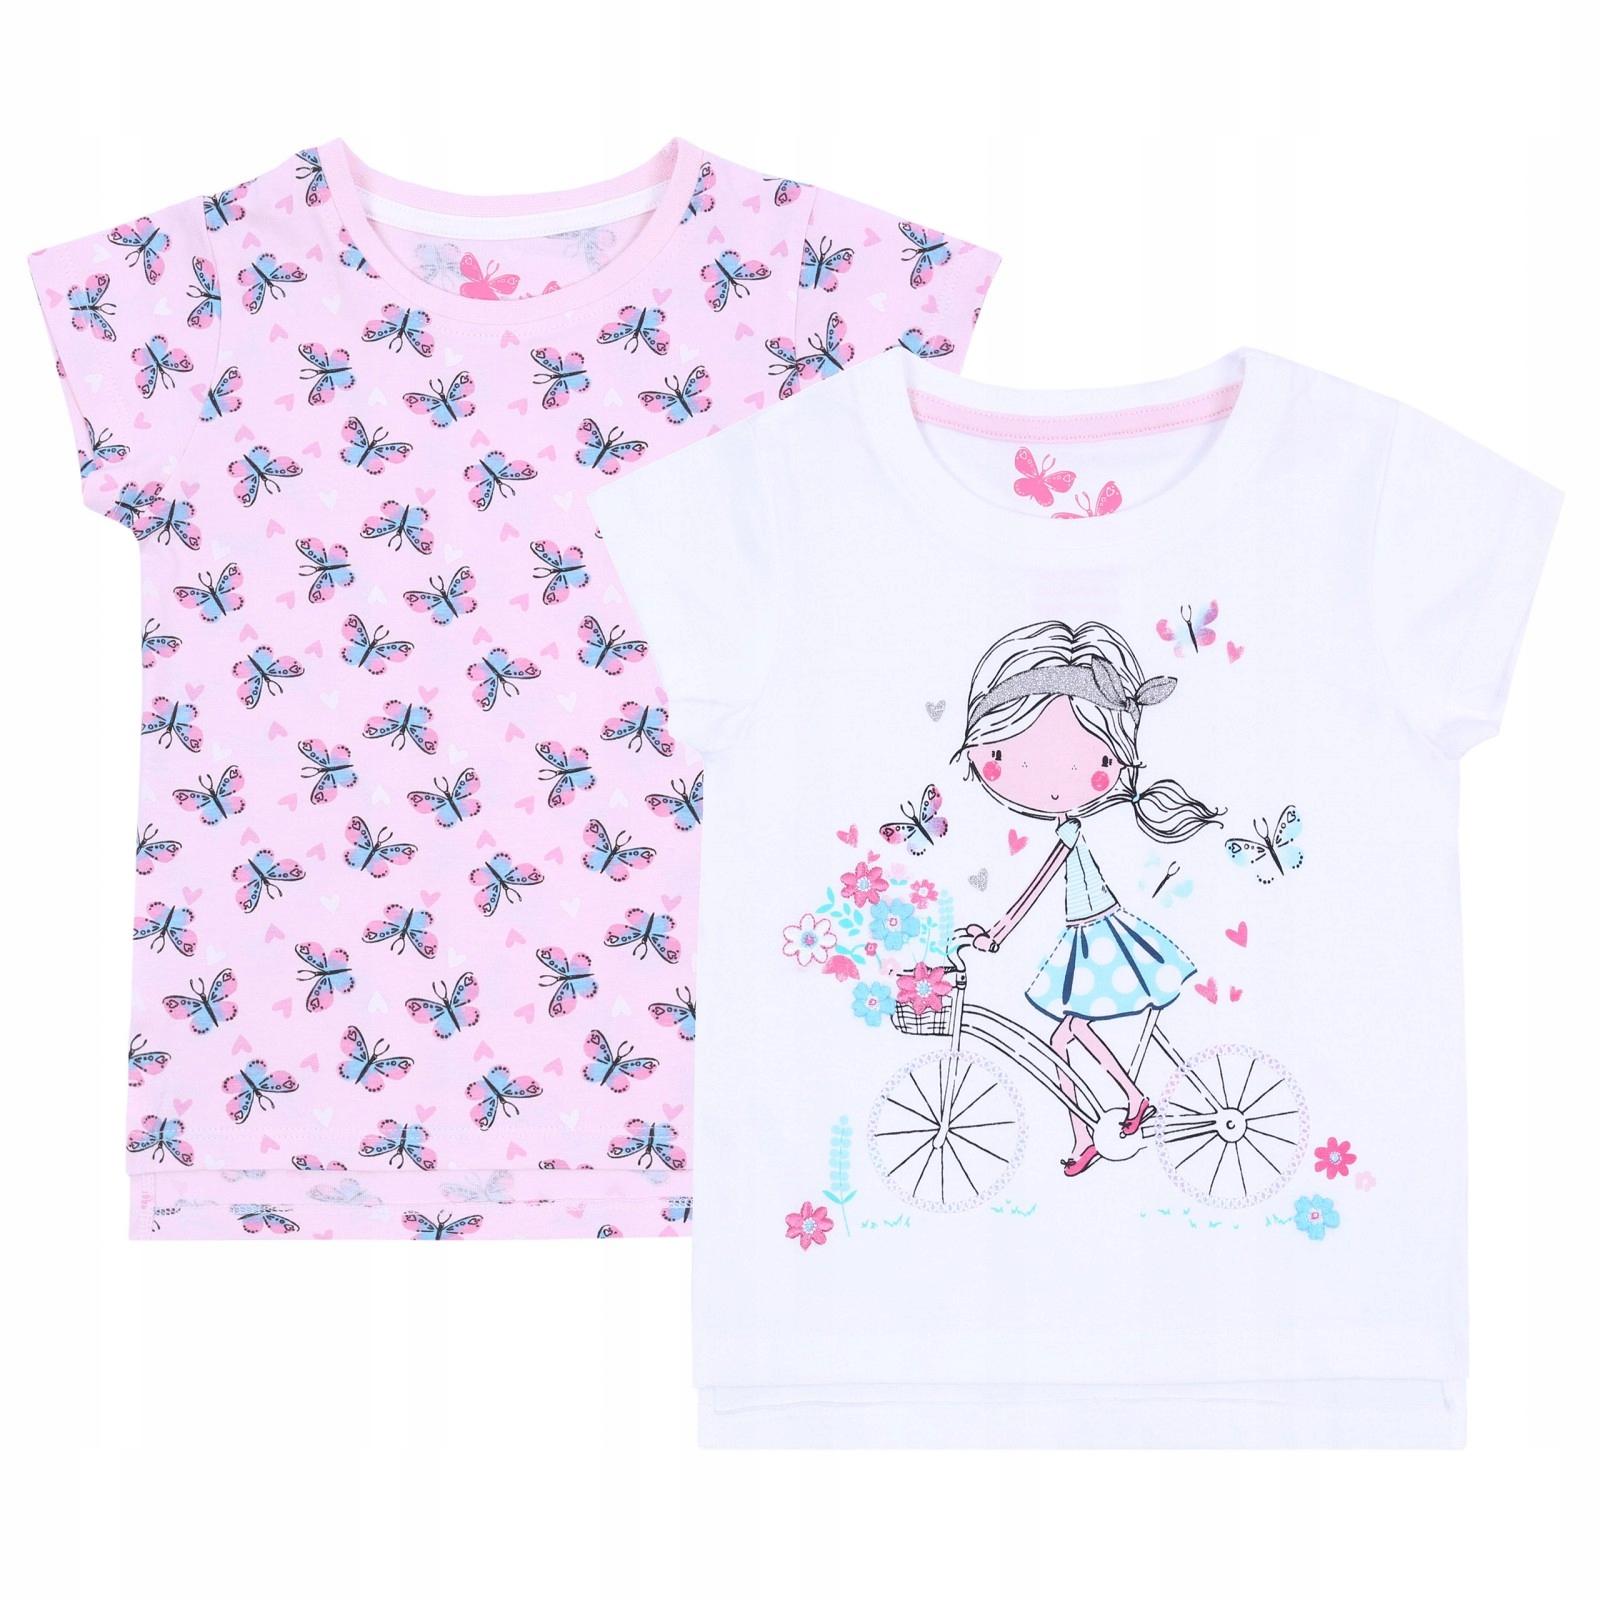 2 x Biało-różowa bluzeczka PRIMARK 5-6 lat 116 cm